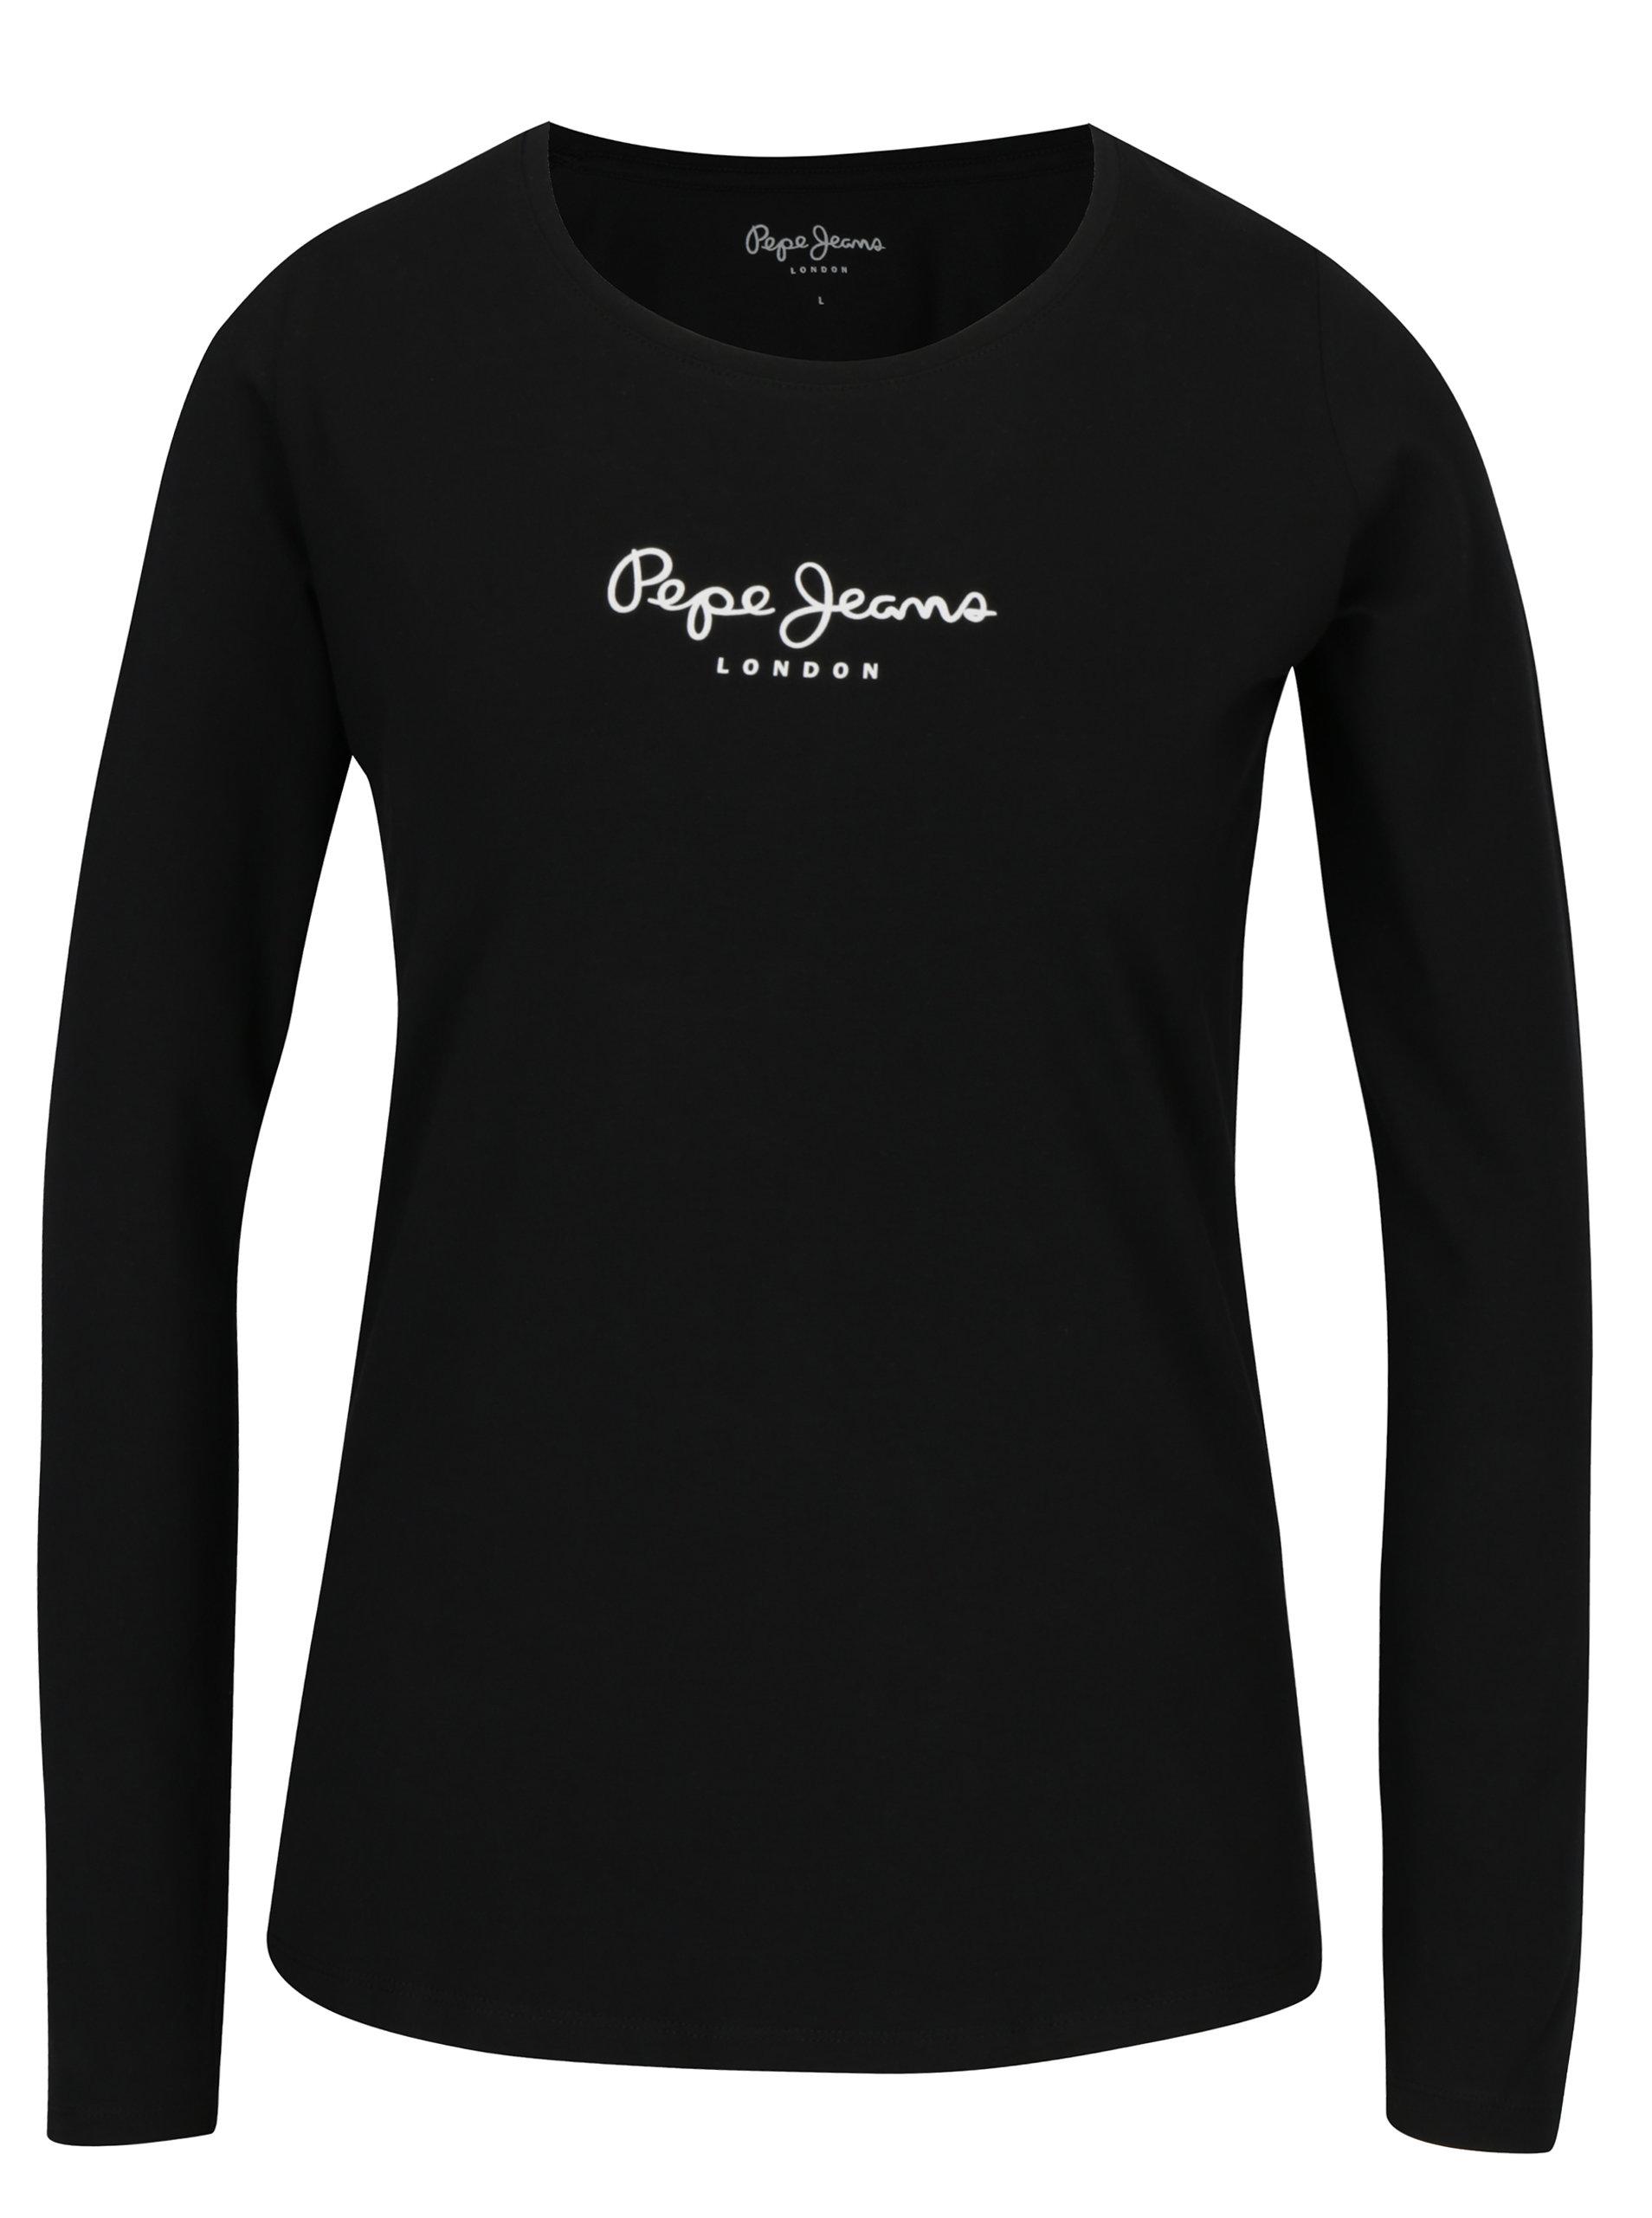 Černé dámské tričko s potiskem Pepe Jeans New Virginia ... e9b7b69b6d